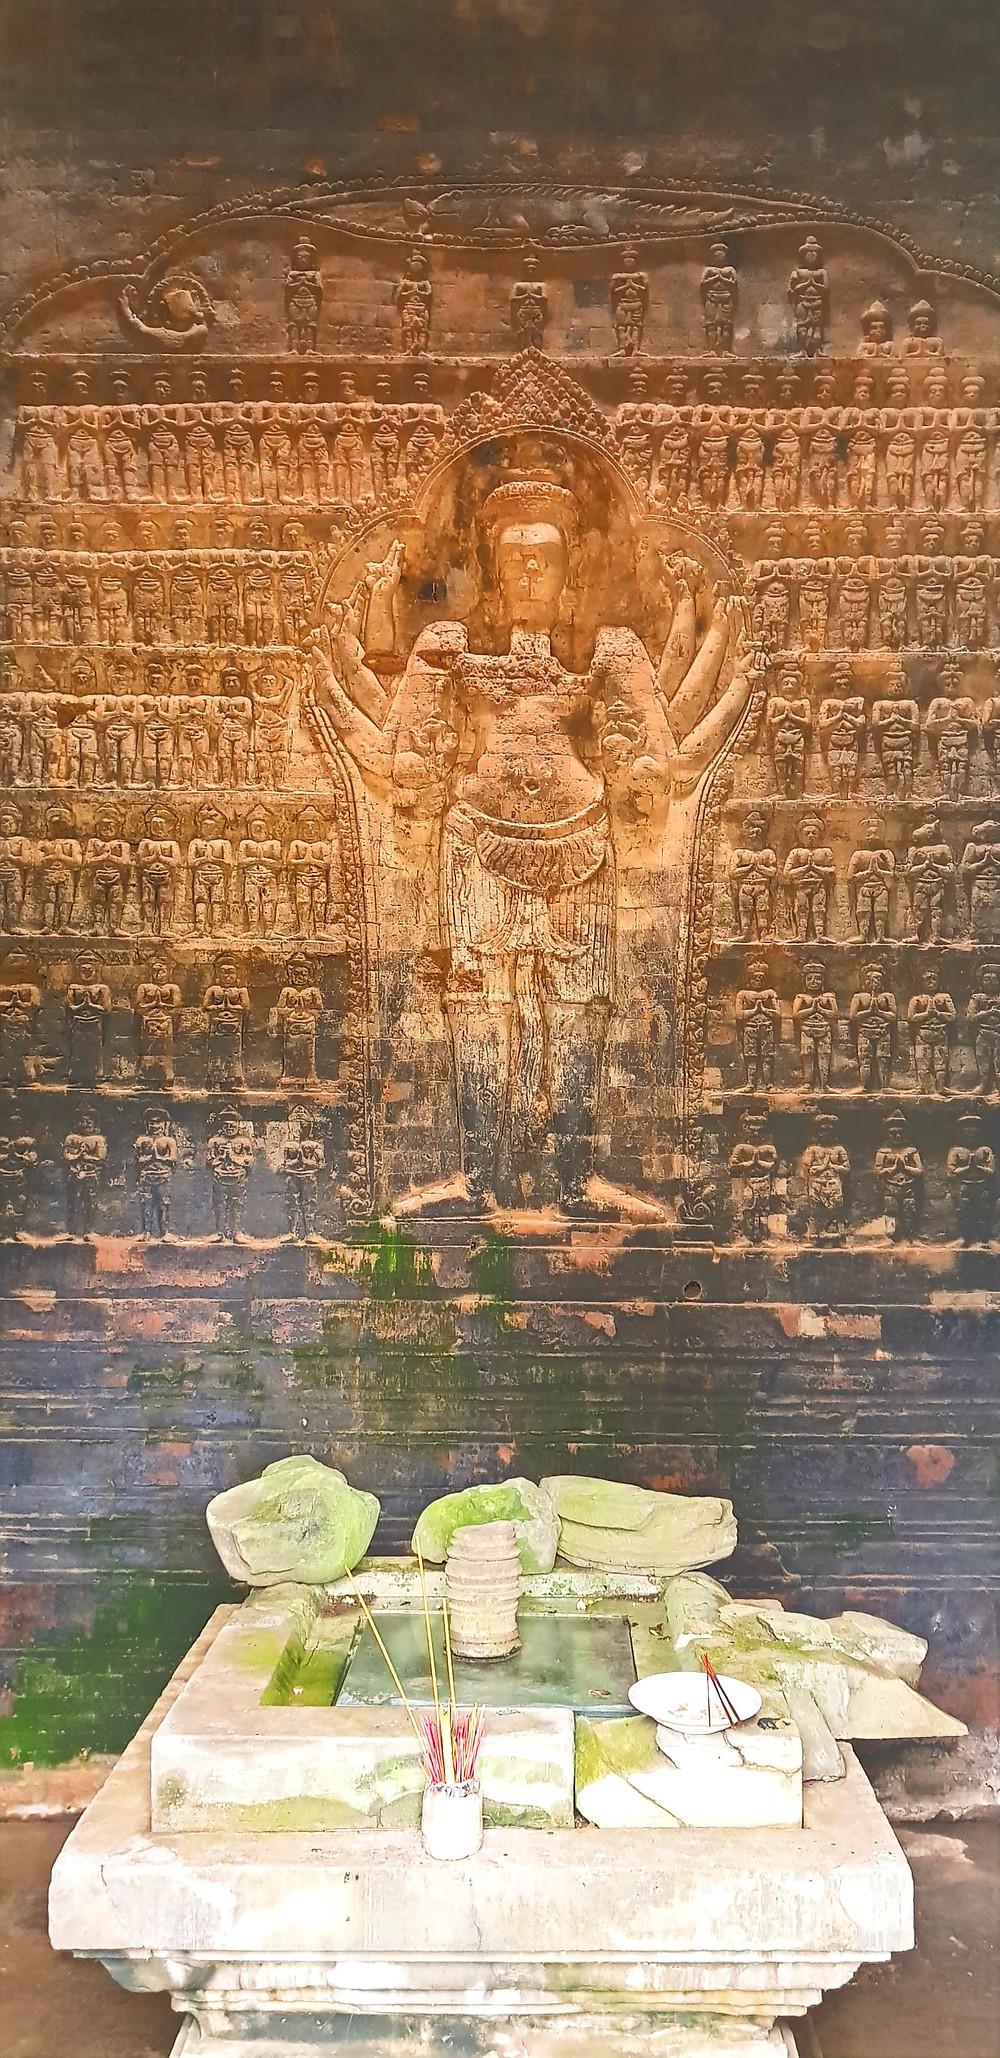 Płaskorzeźba wielorękiego Siwy  w Angkor Wat z buddyjskim ołtarzykiem, Kambodża